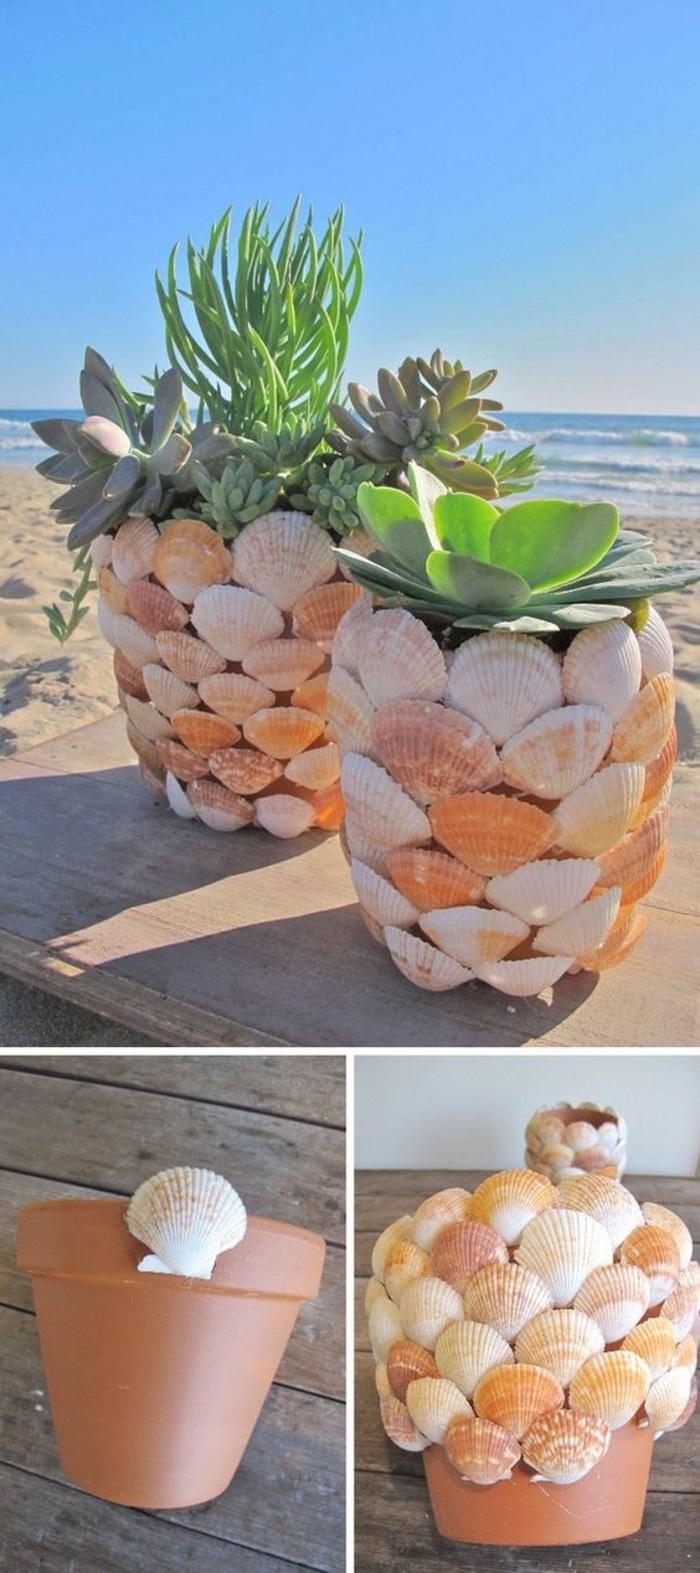 basteln für erwachsene mischeln blumentöpfe dekorieren pflanzen meer sand maritime deko